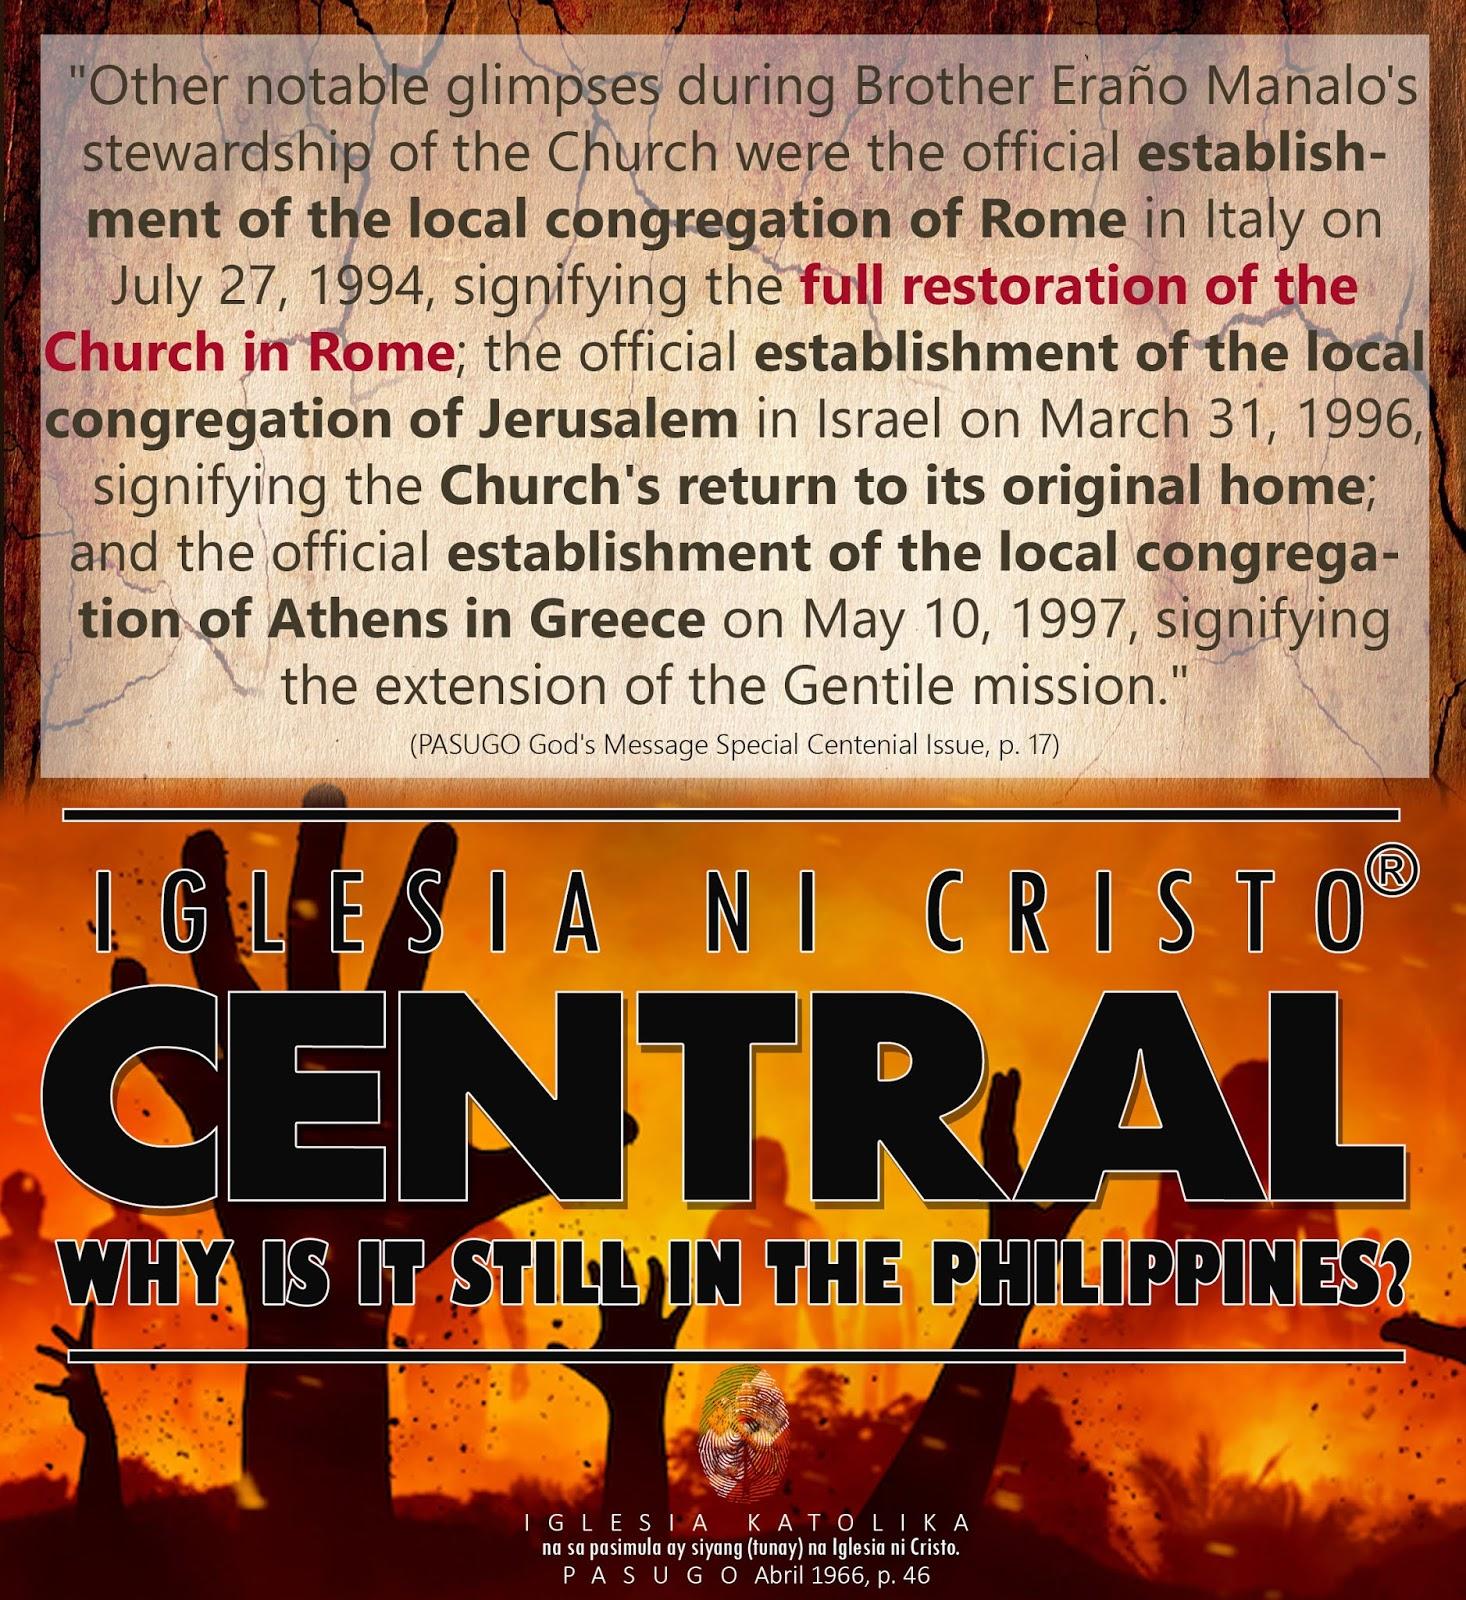 Iglesia ni cristo and dating daan debate live cnn